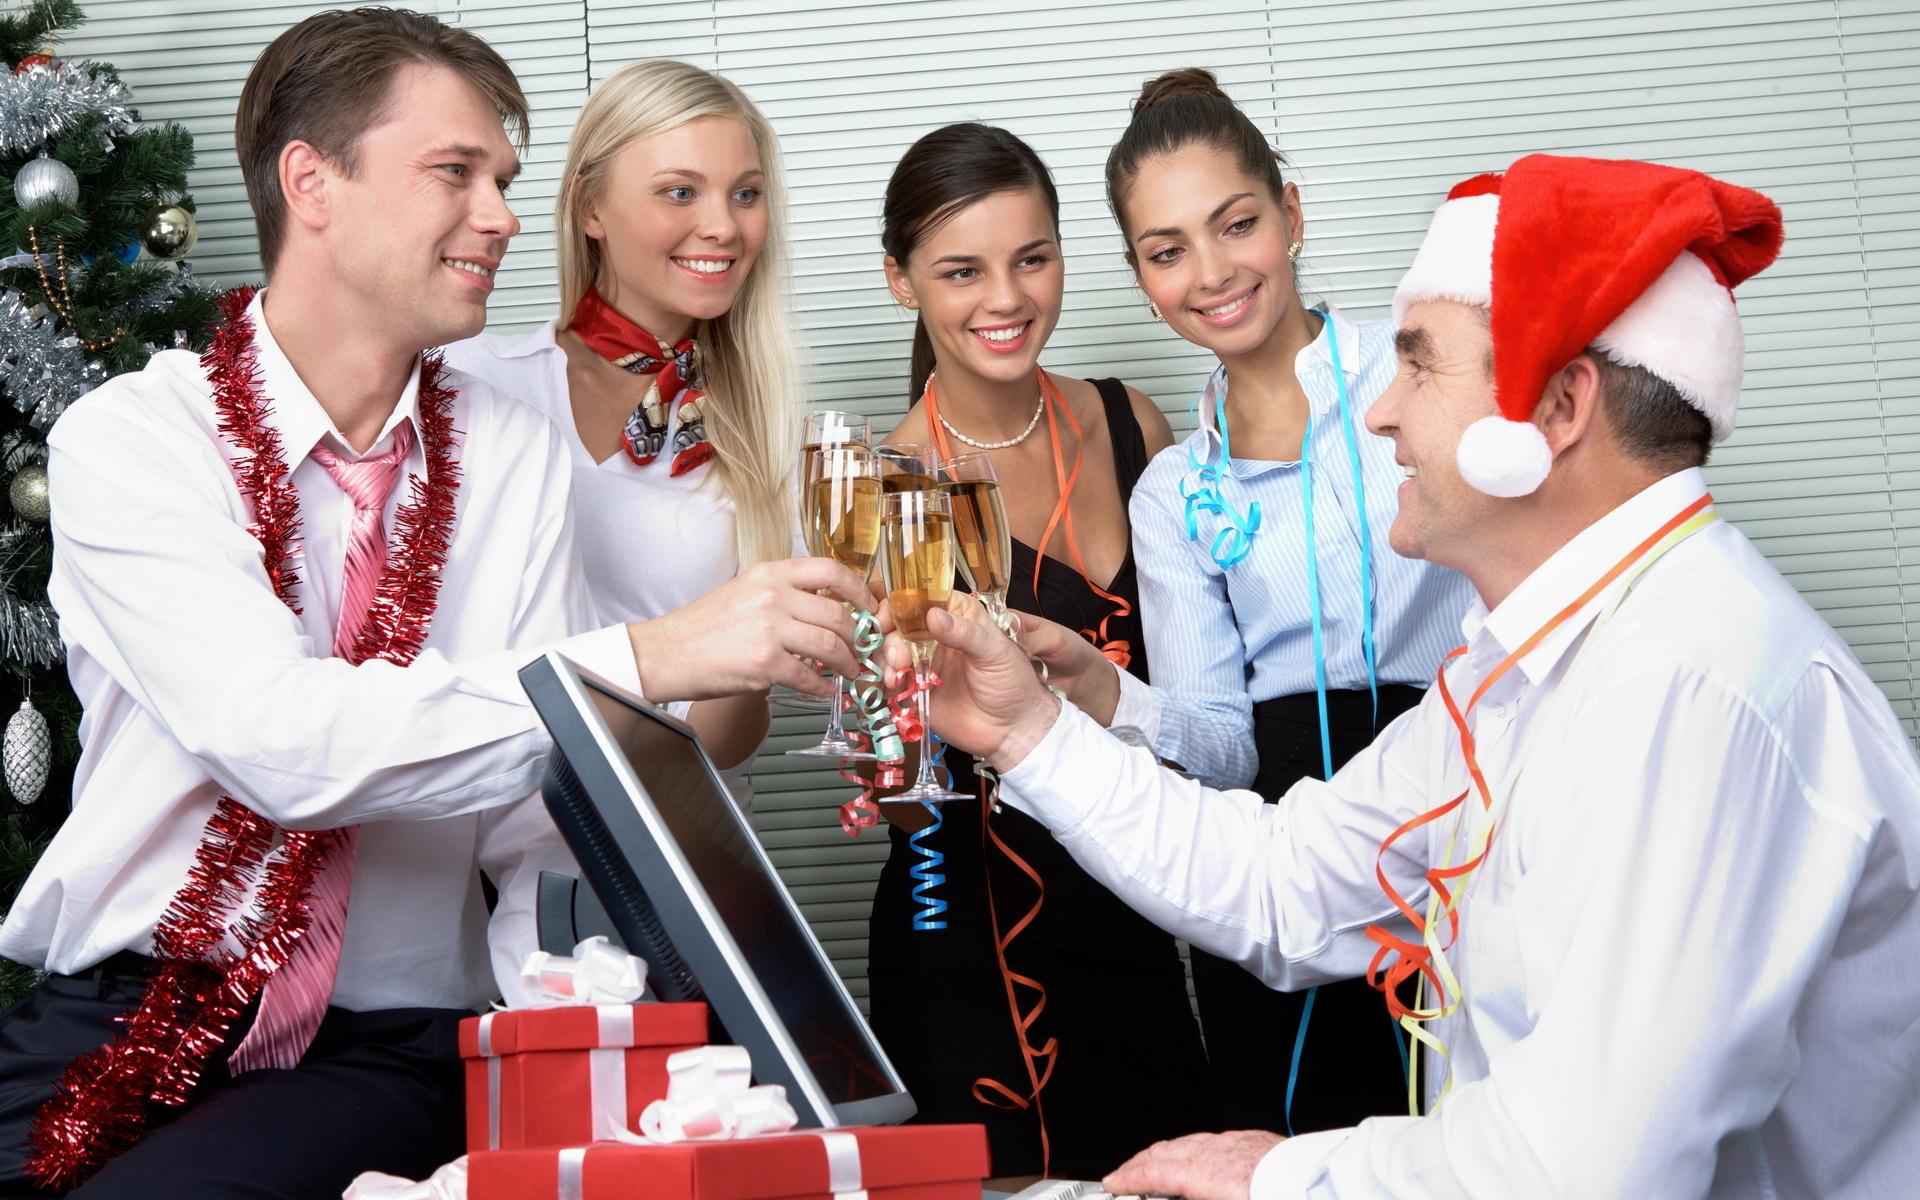 корпоратив поздравления к праздникам прерывистая линия жизни